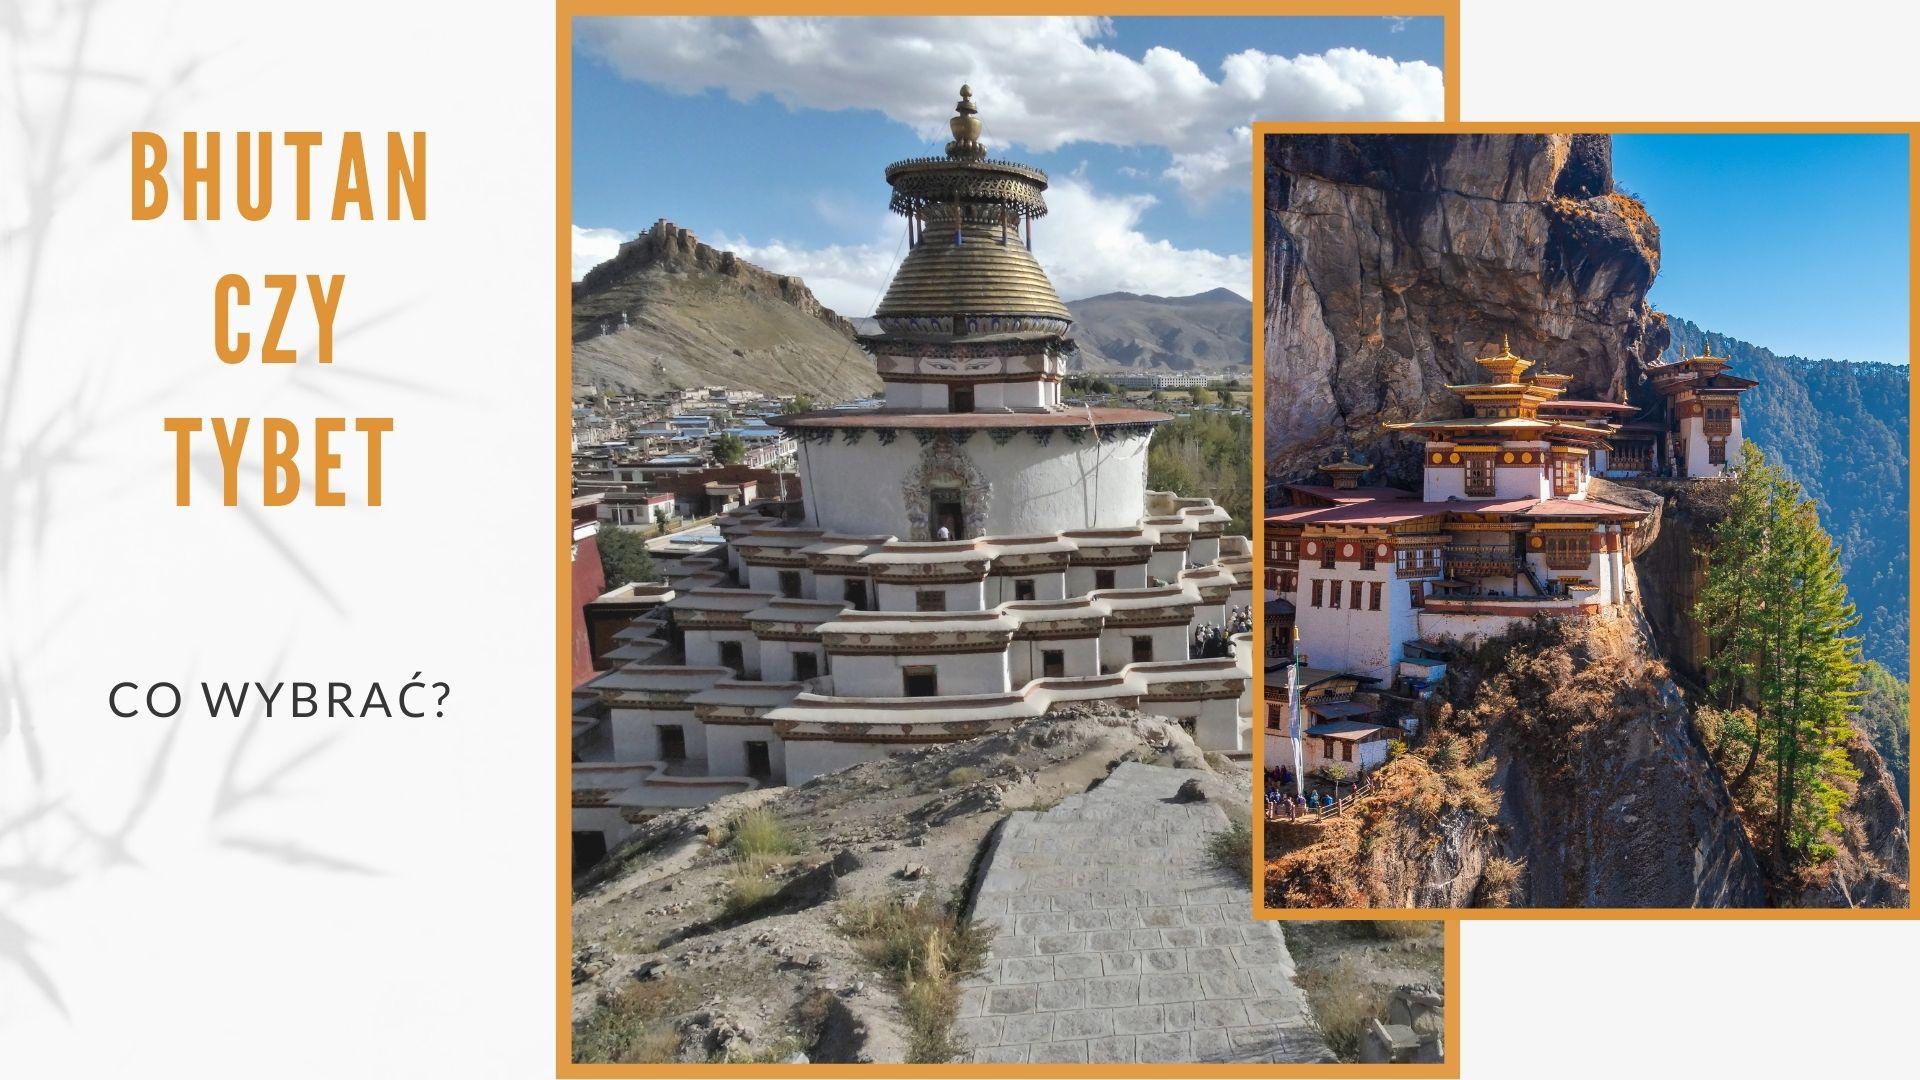 Bhutan Czy Tybet, co wybrać?